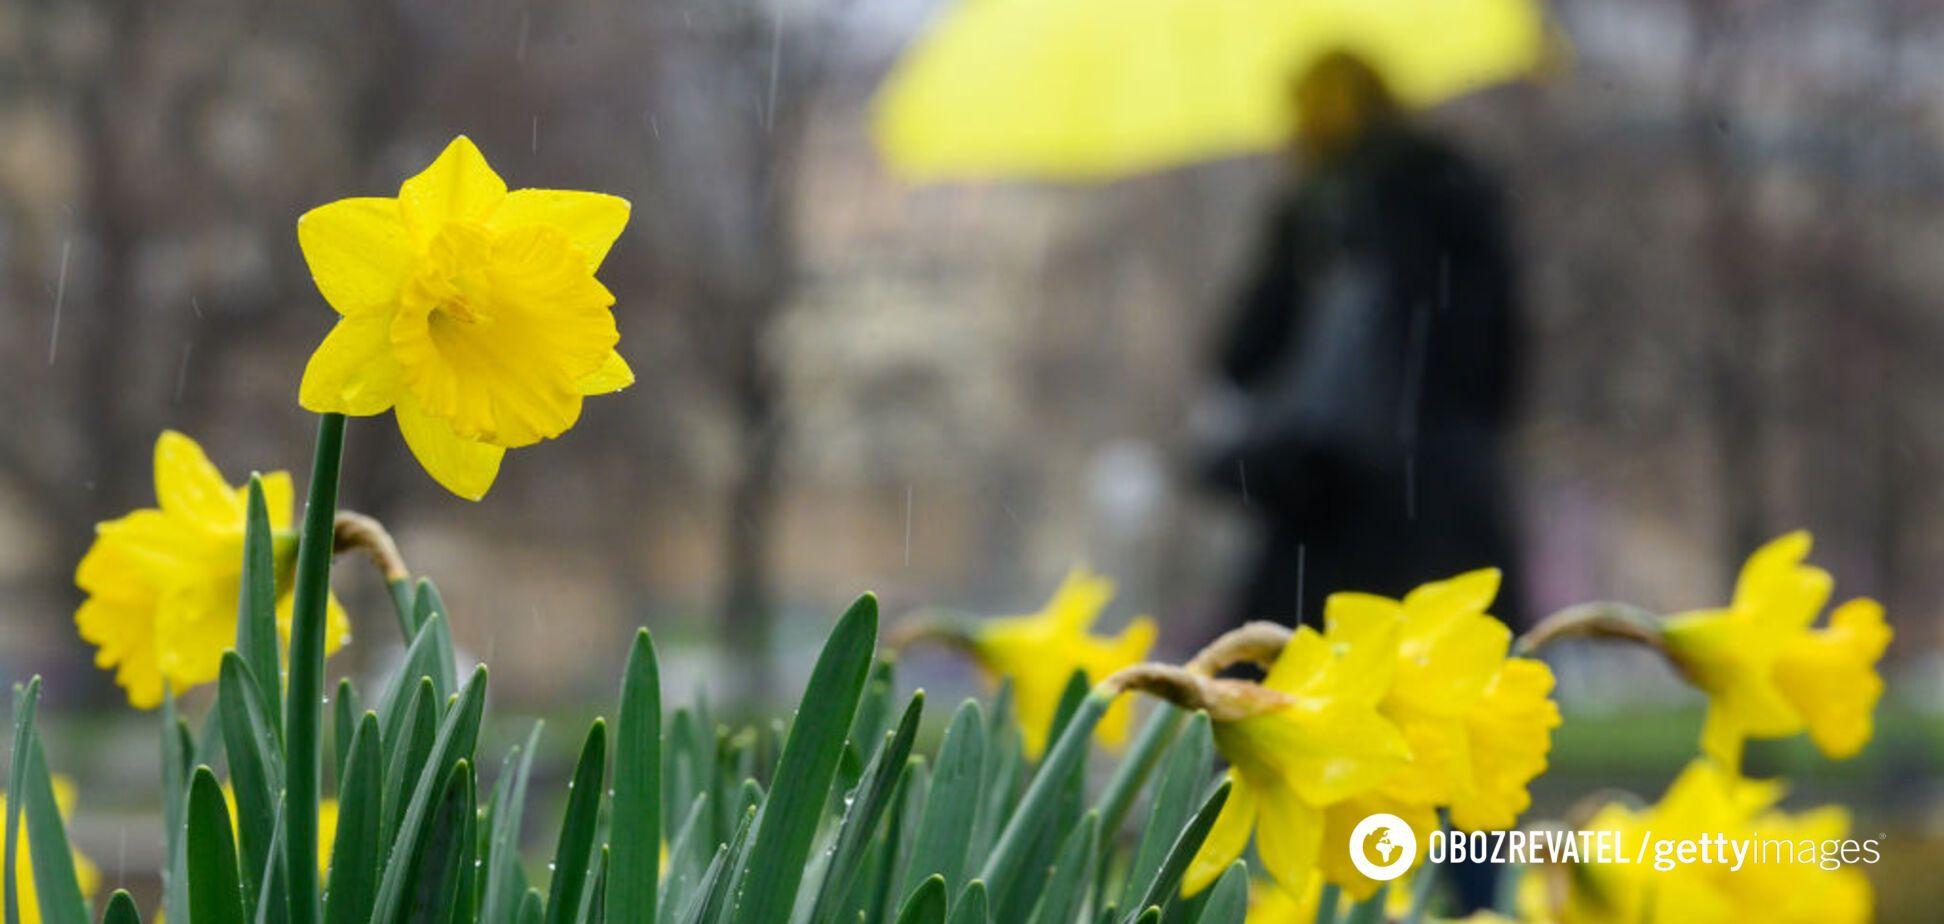 Гороскоп на сегодня, 15 марта: Стрельцы, Овны и Львы заряжают оптимизмом